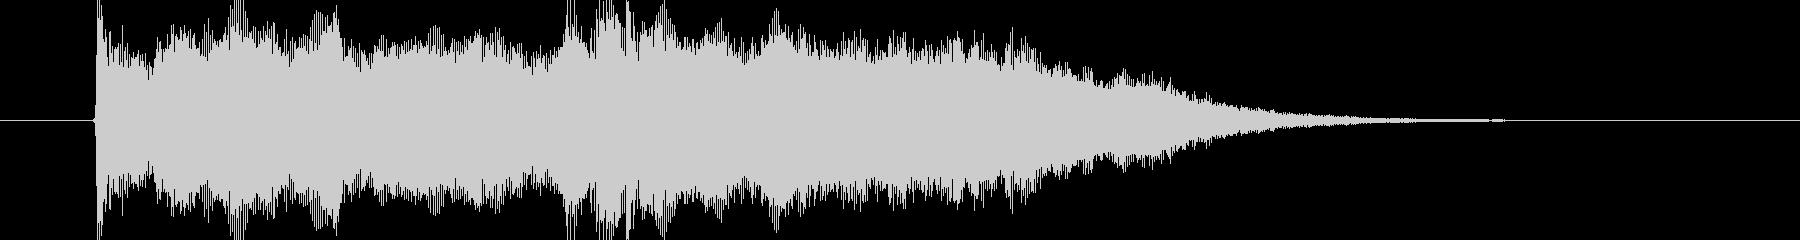 感動的なストリングポップスのジングル曲の未再生の波形